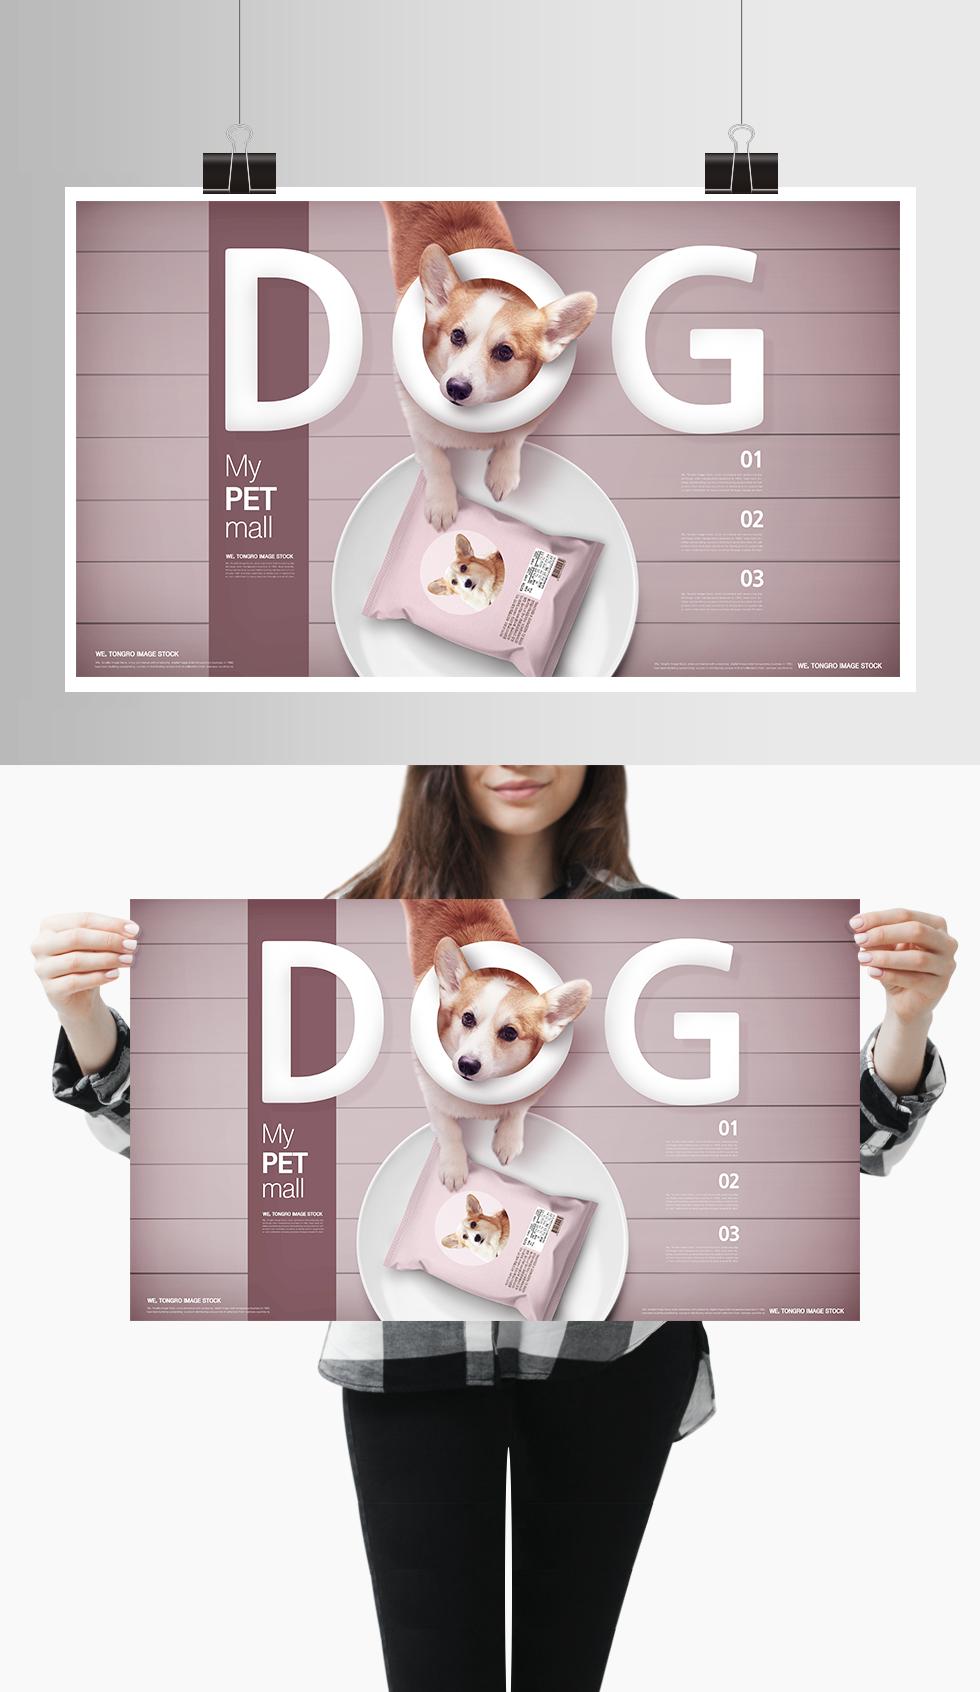 宠物食品狗粮宠物店产品促销广告海报